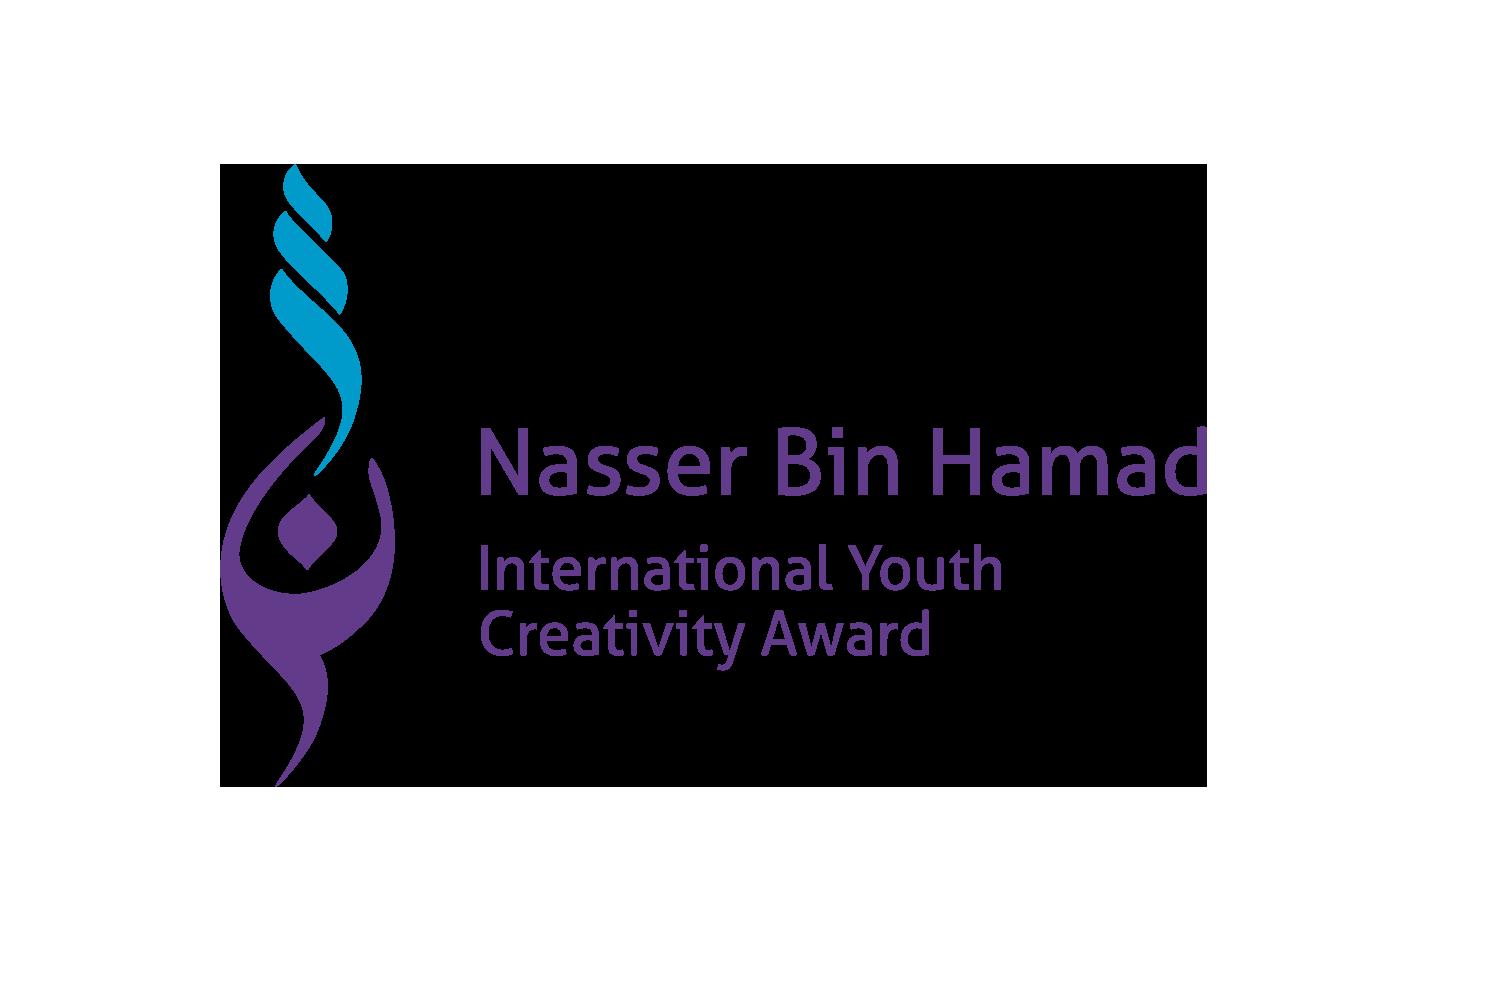 Nasser Bin Hamad Nemzetközi Ifjúsági kreativitási díj